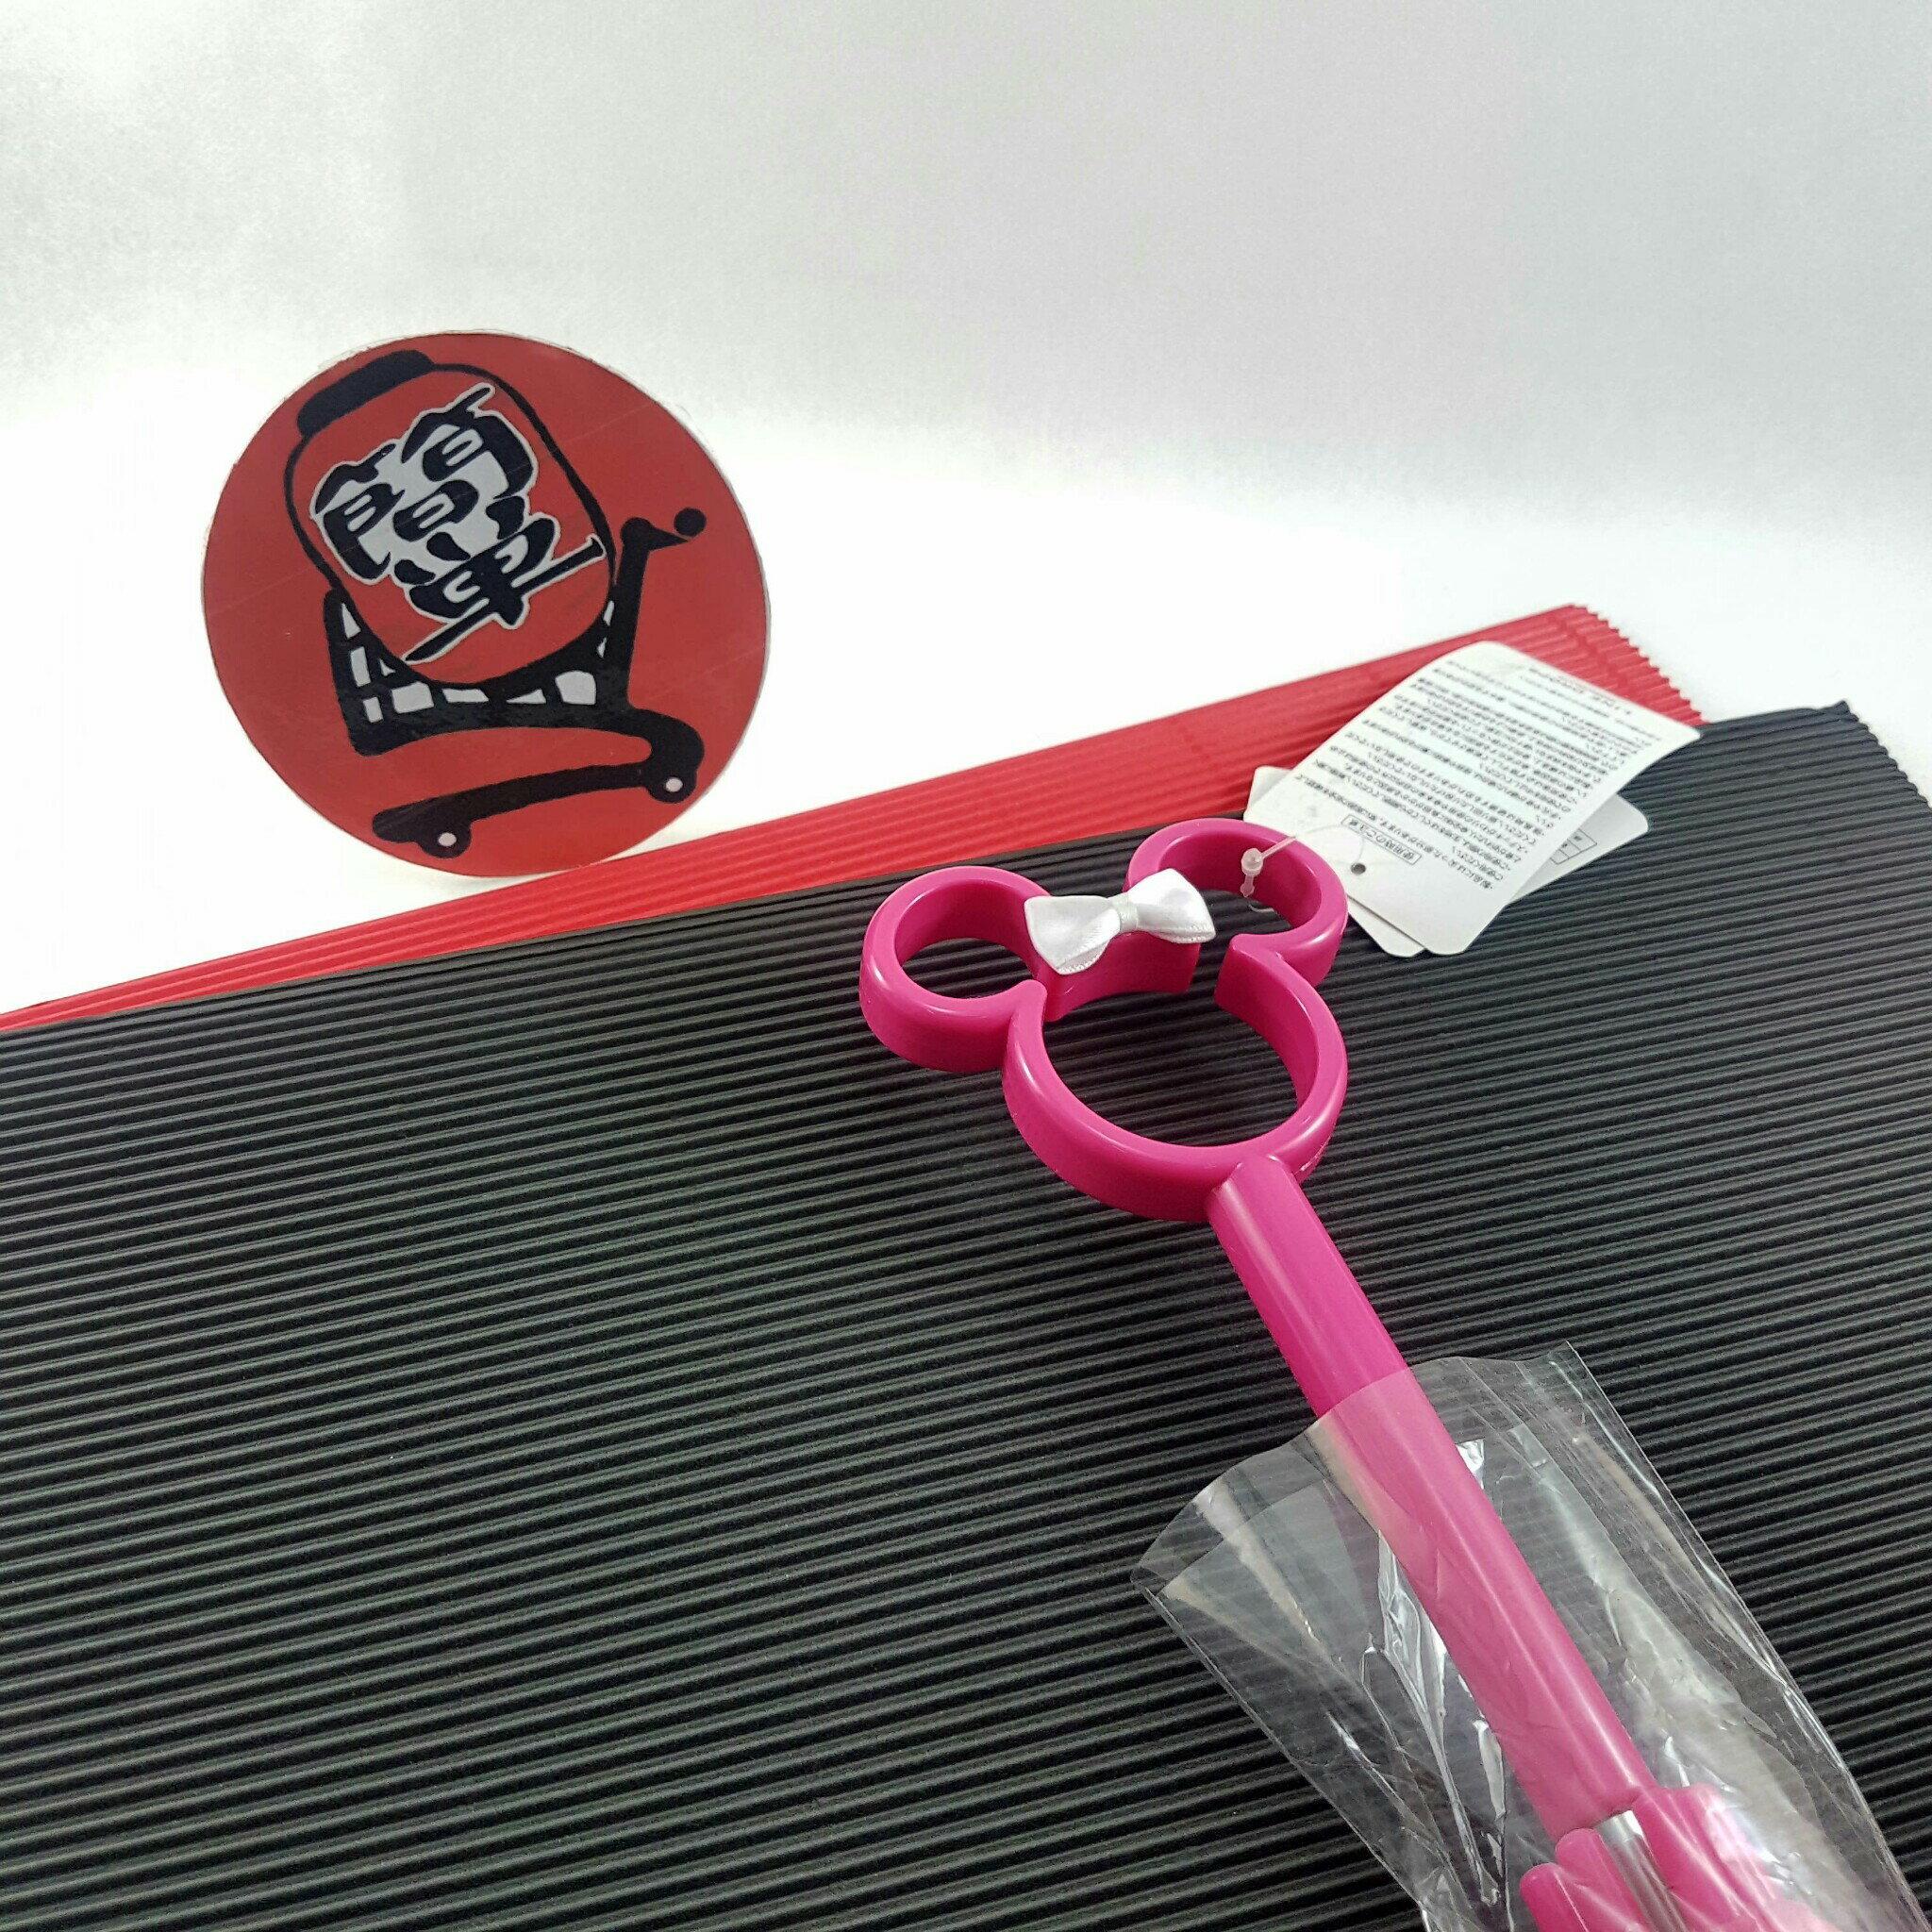 『簡?全球購』粉柄滿版米妮款 日本 迪士尼 米妮鏤空造型把手 透明直傘 雨傘